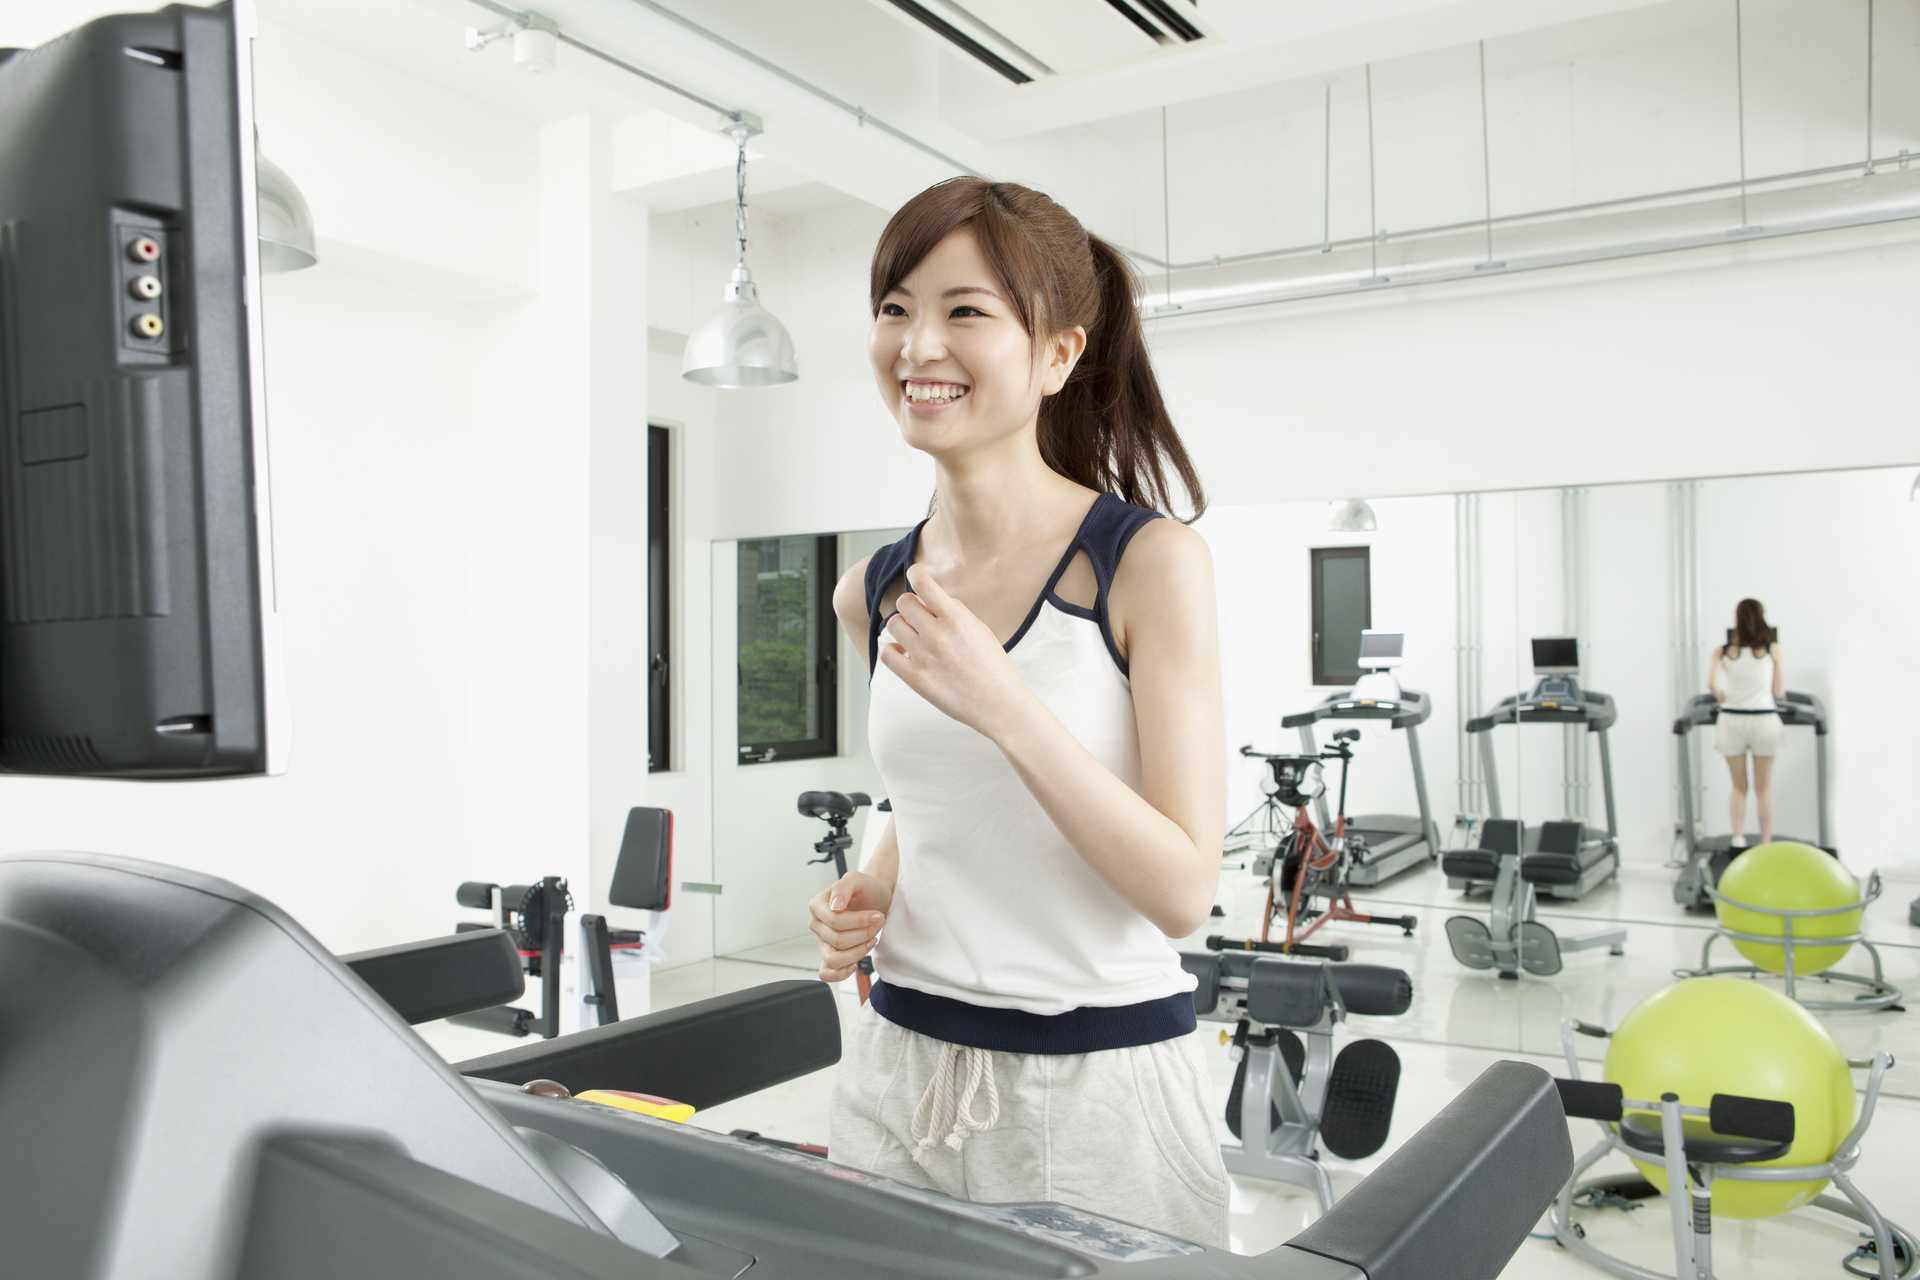 有酸素運動が、ダイエットに効果がある理由。 | ウォーキング・ダイエットのすすめ